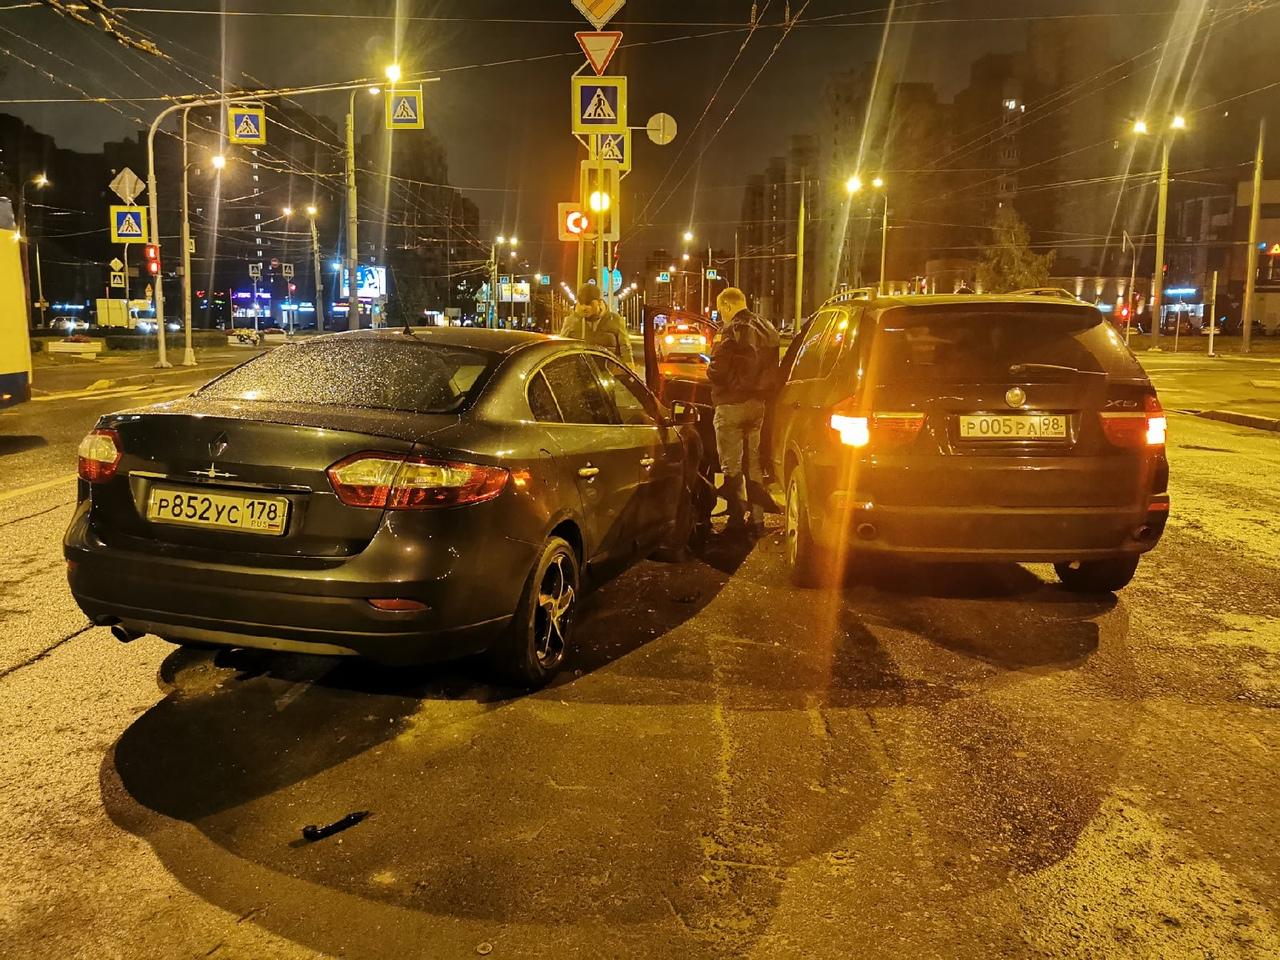 Renault поворачивала с Маршала Жукова на Ветеранов направо, занесло вылетел на встречку в БМВ, все живы...